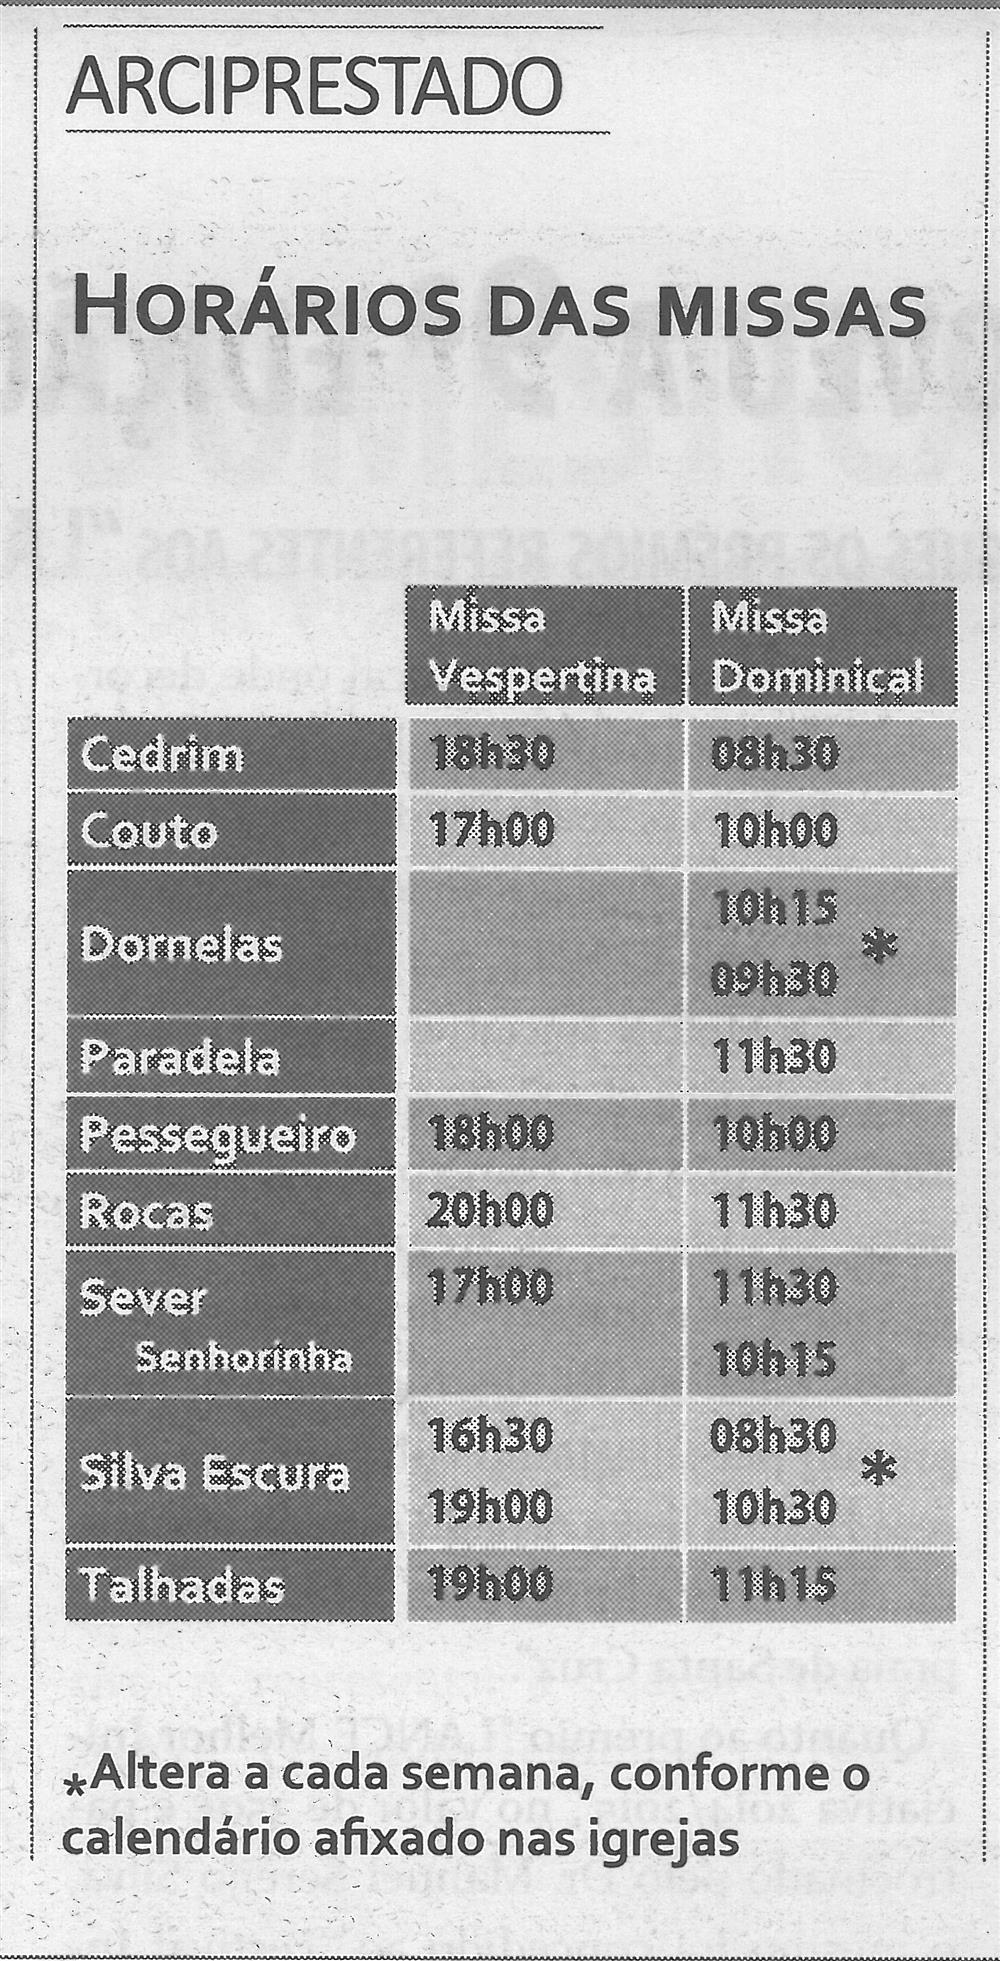 TV-dez.'15-p.16-Horário das Missas : Arciprestado.jpg